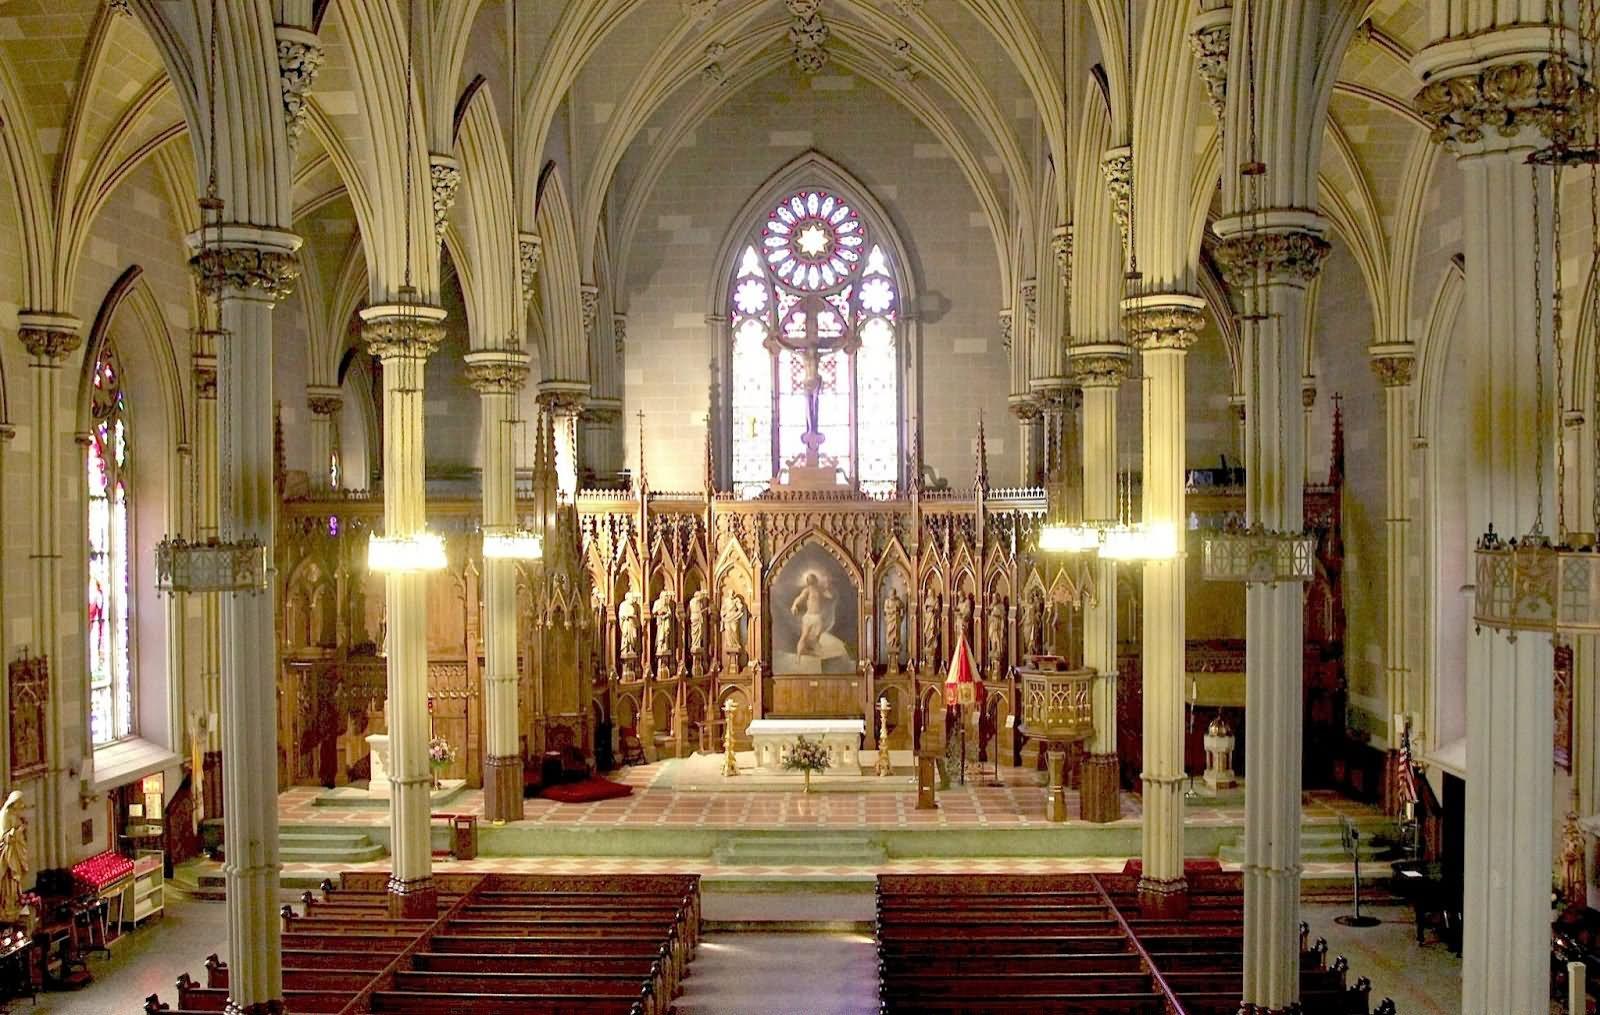 приготовленные этому католический собор фото внутри преобладает